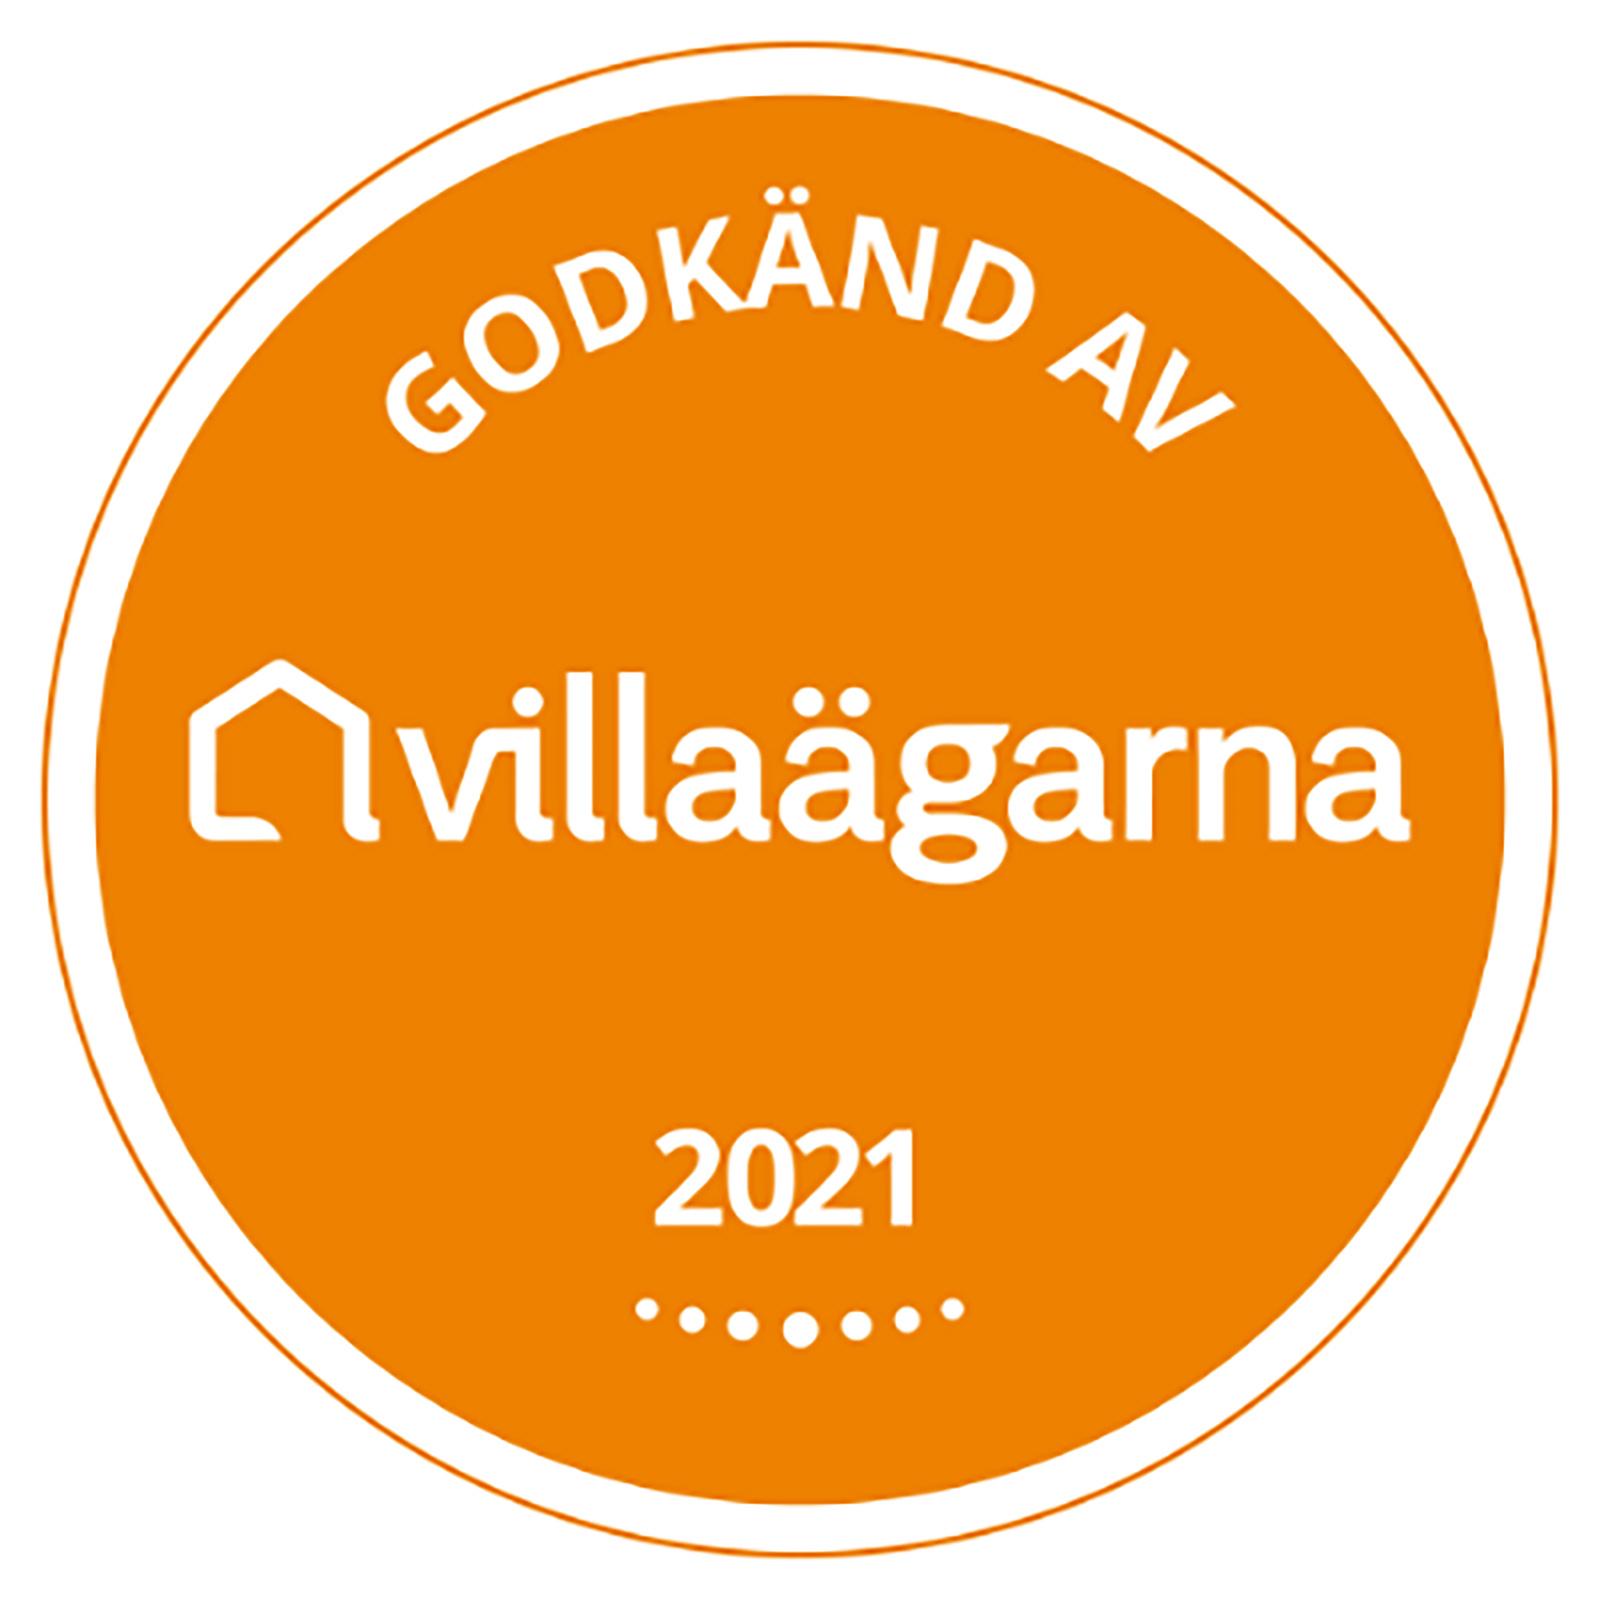 Vi rekommenderar alltid att anlita en certifierad stenläggare i Stockholm! Vi för exempel, erhåller bl.a. en kvalitetscertifiering utförd av BraByggare i samarbete med Villaägarna Riksförbund.